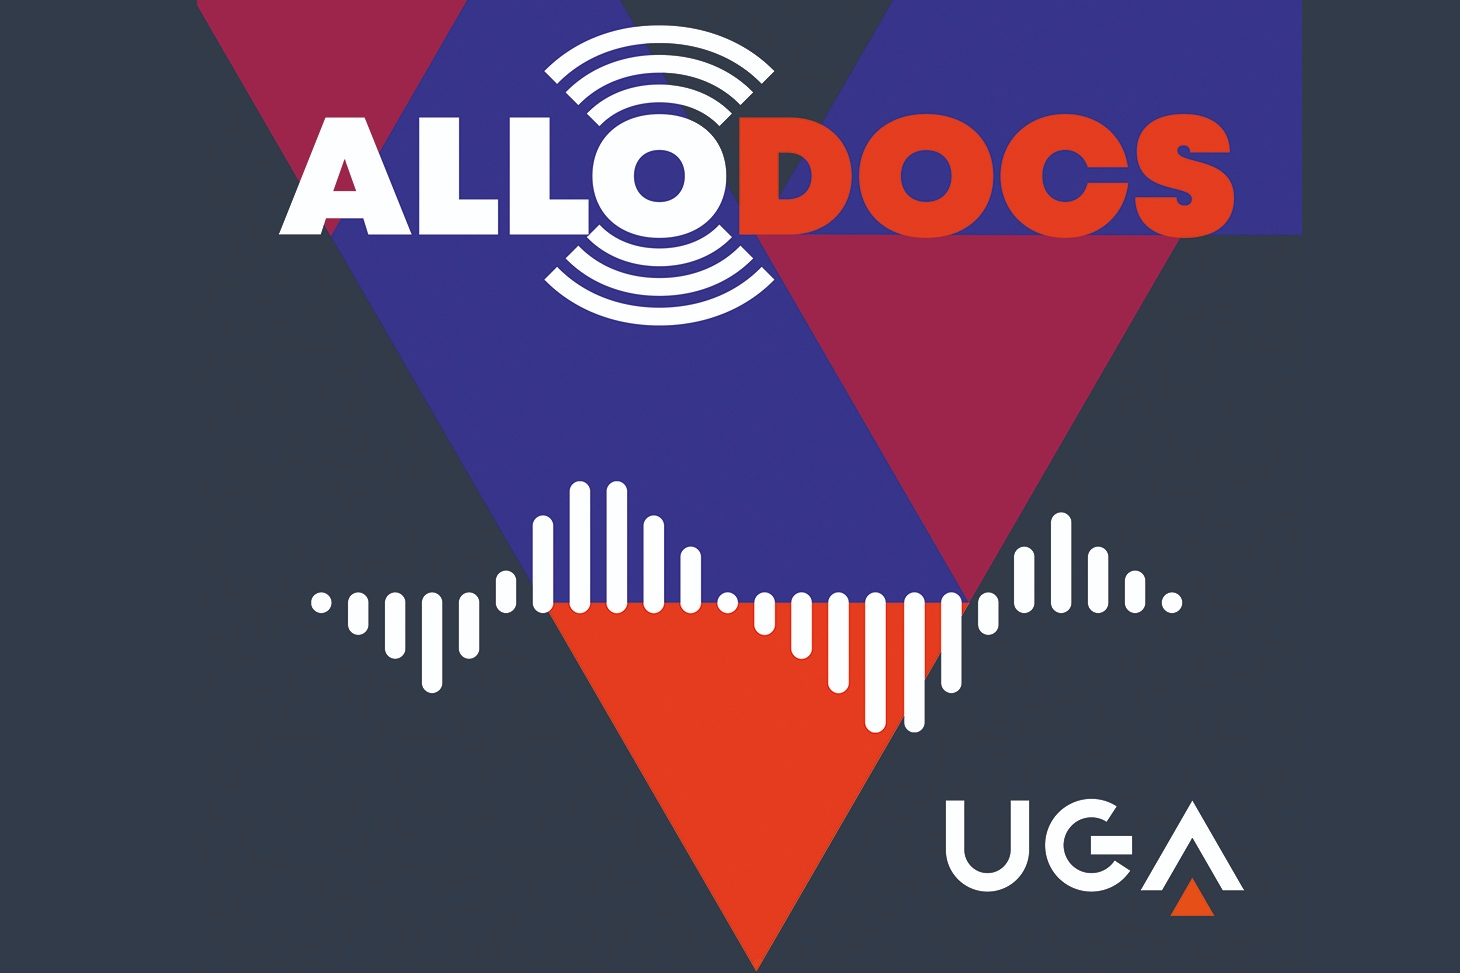 AlloDocs